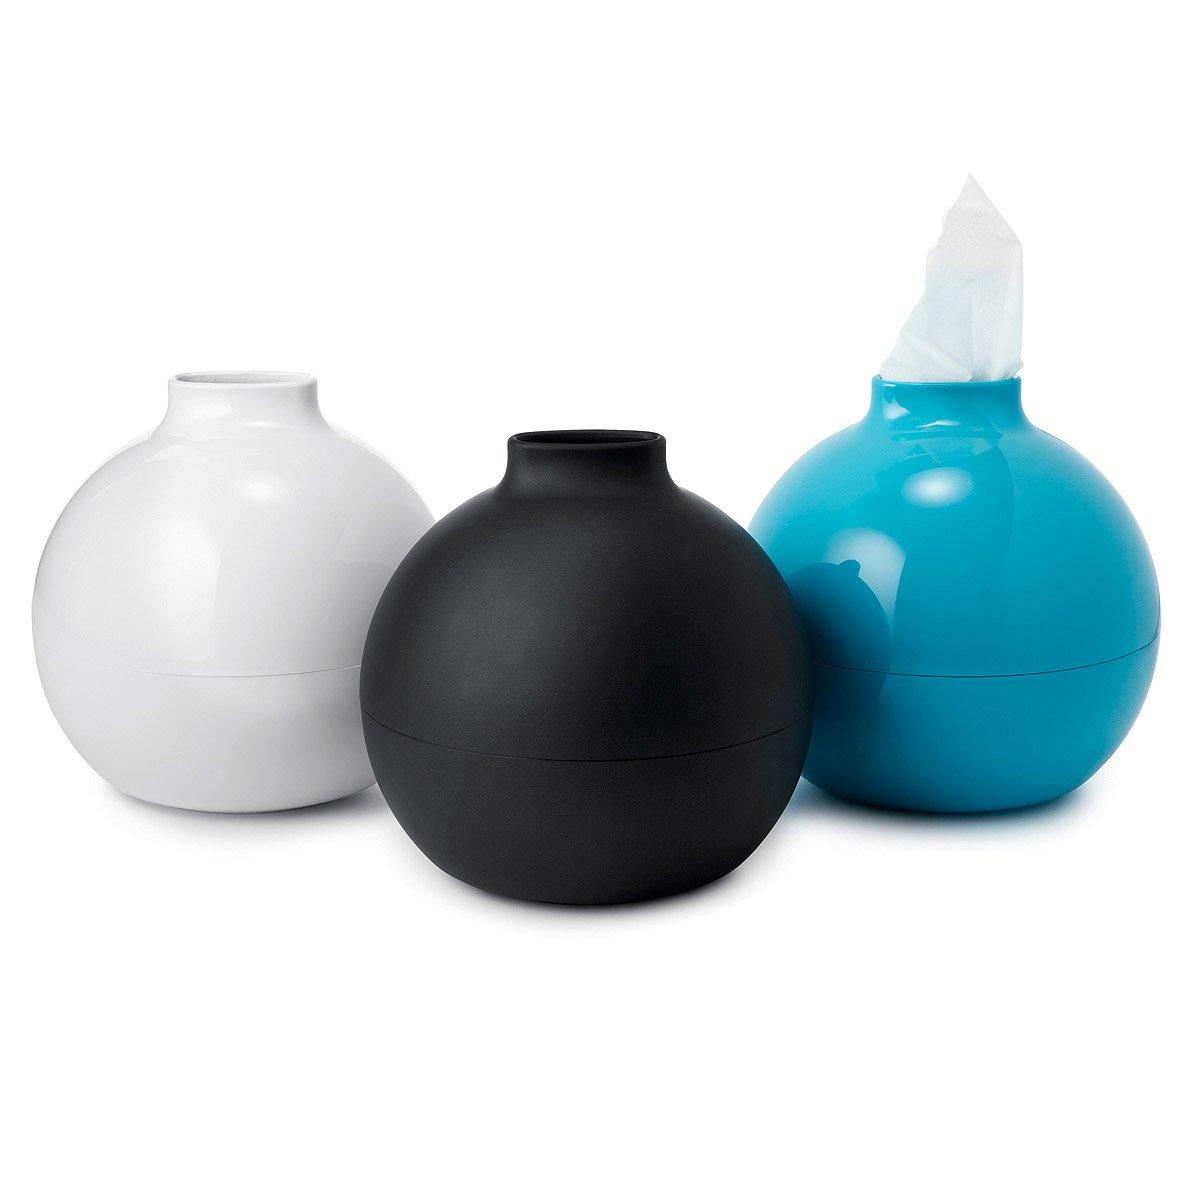 paper pots  mollaspace paper pot tissue dispenser toilet paper  - paper pots  thumbnail